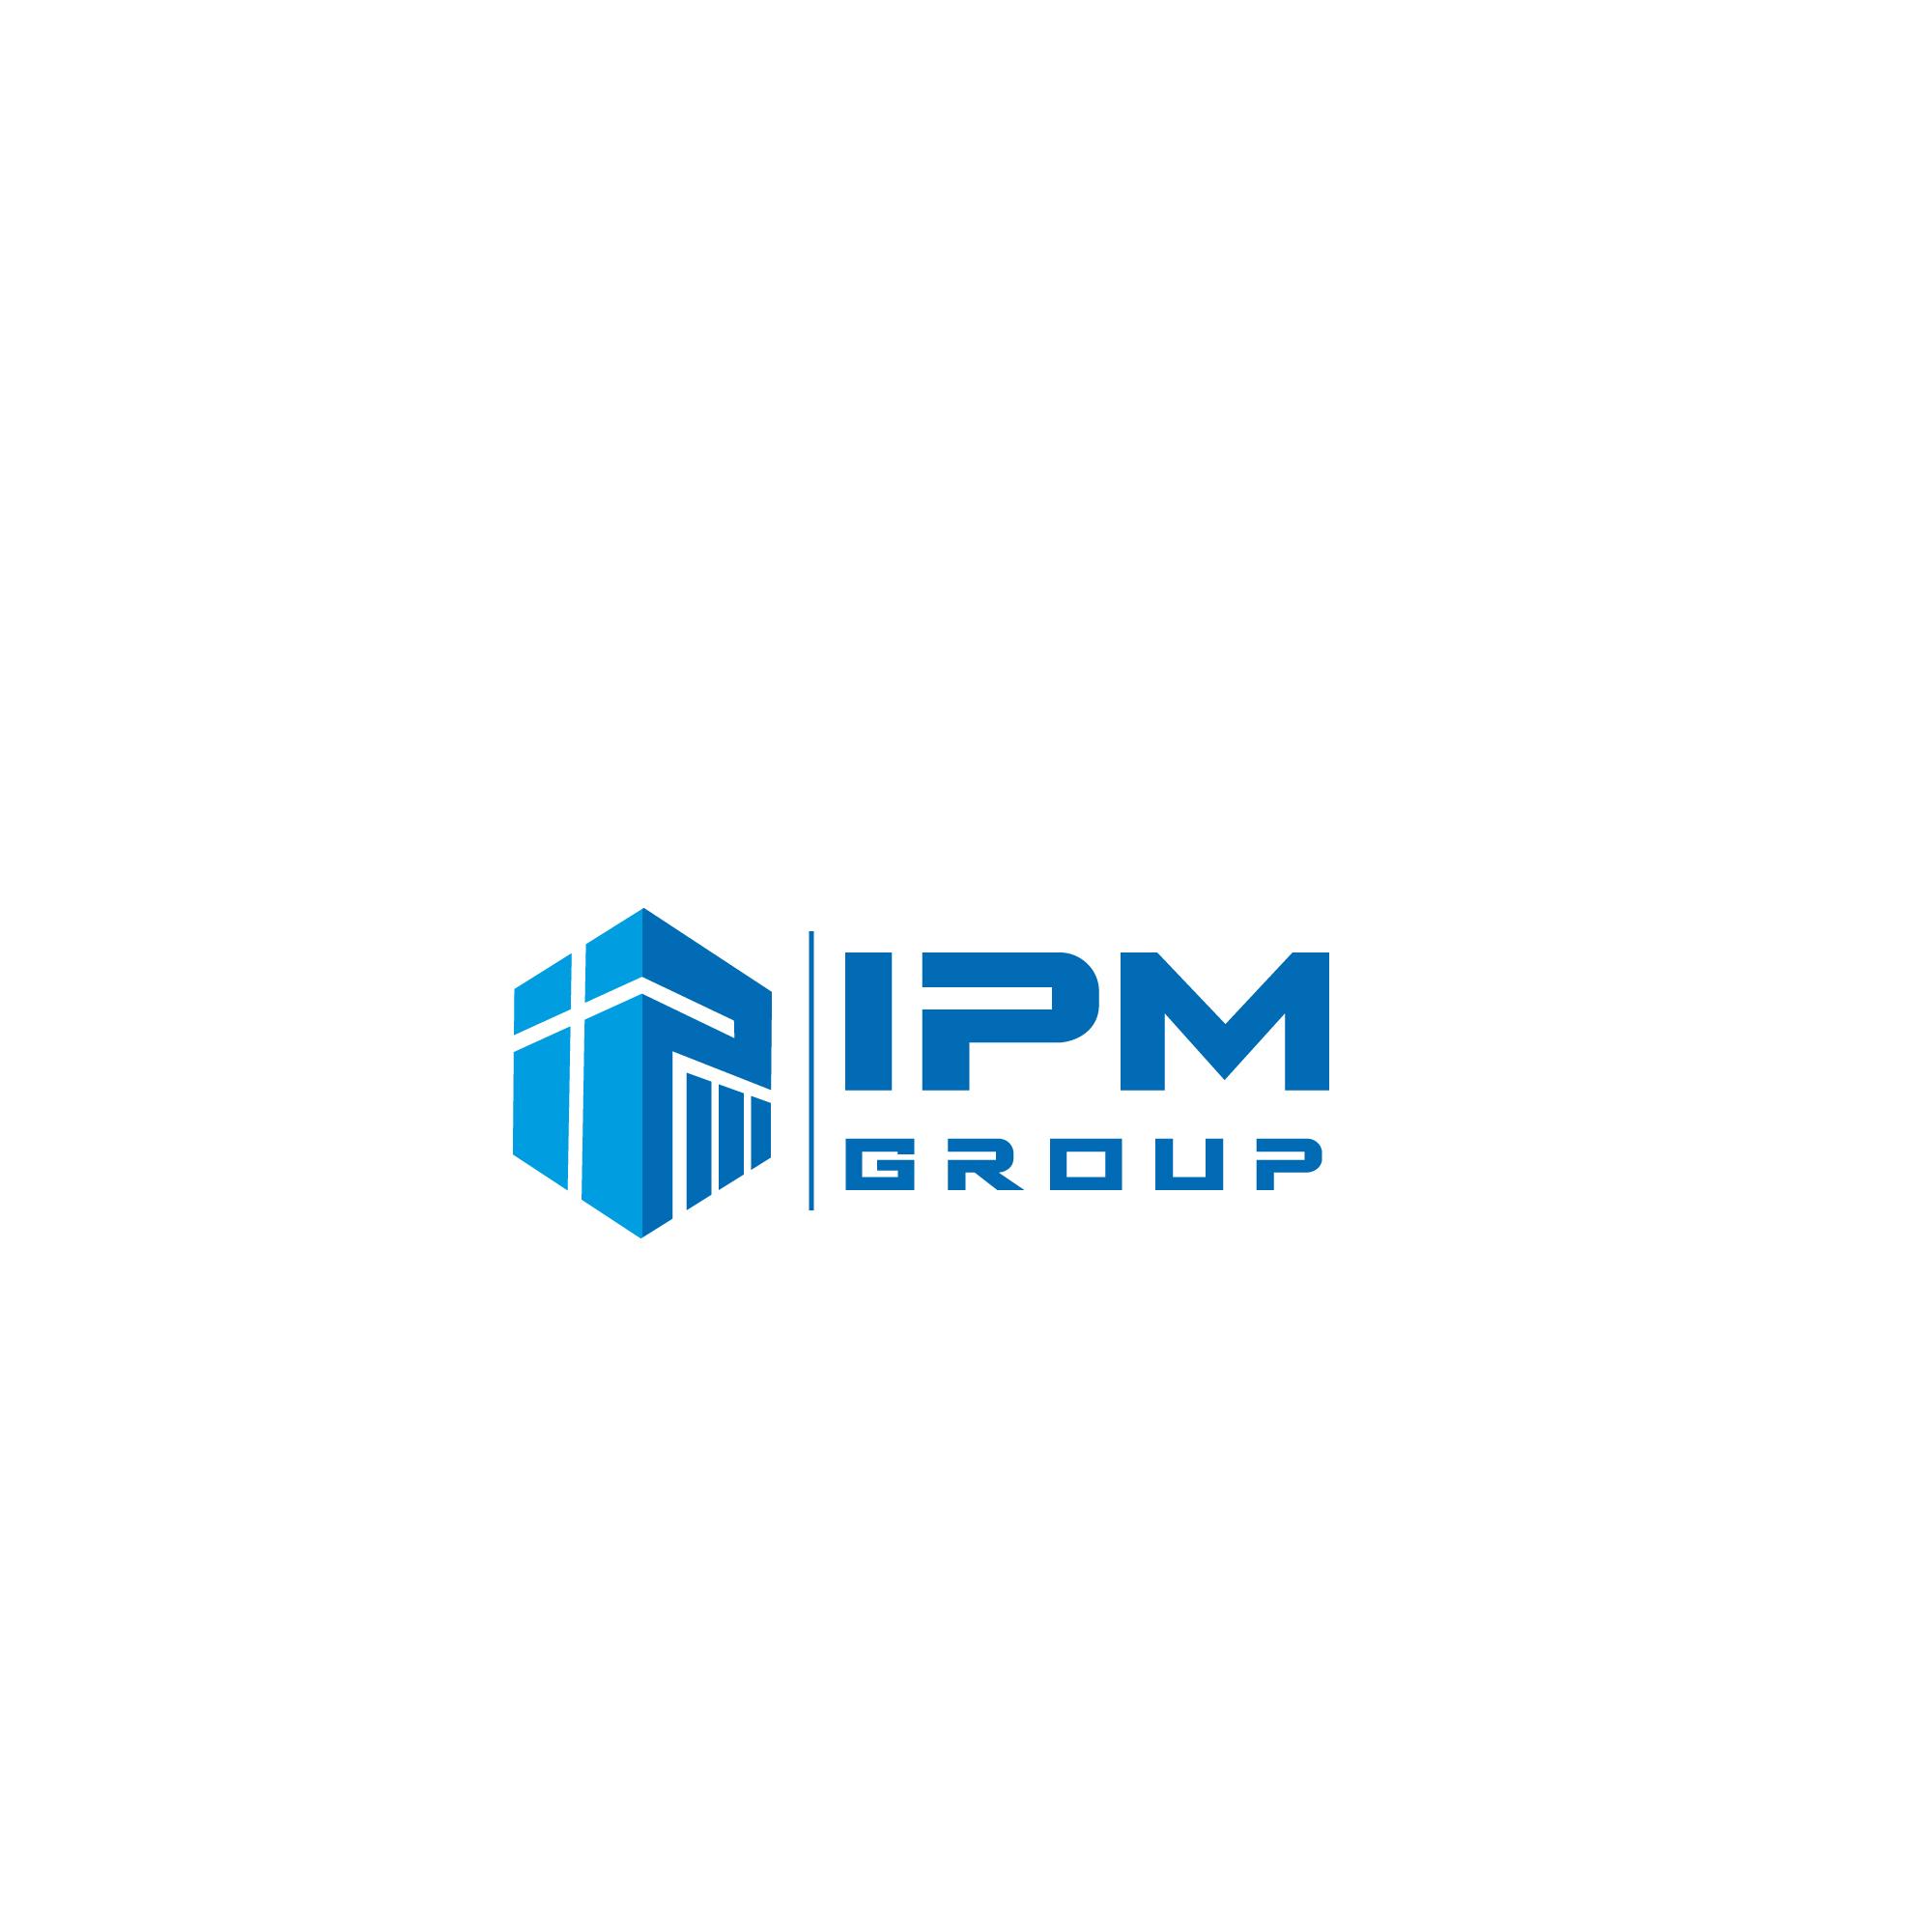 Разработка логотипа для управляющей компании фото f_3235f8492977f0e5.jpg